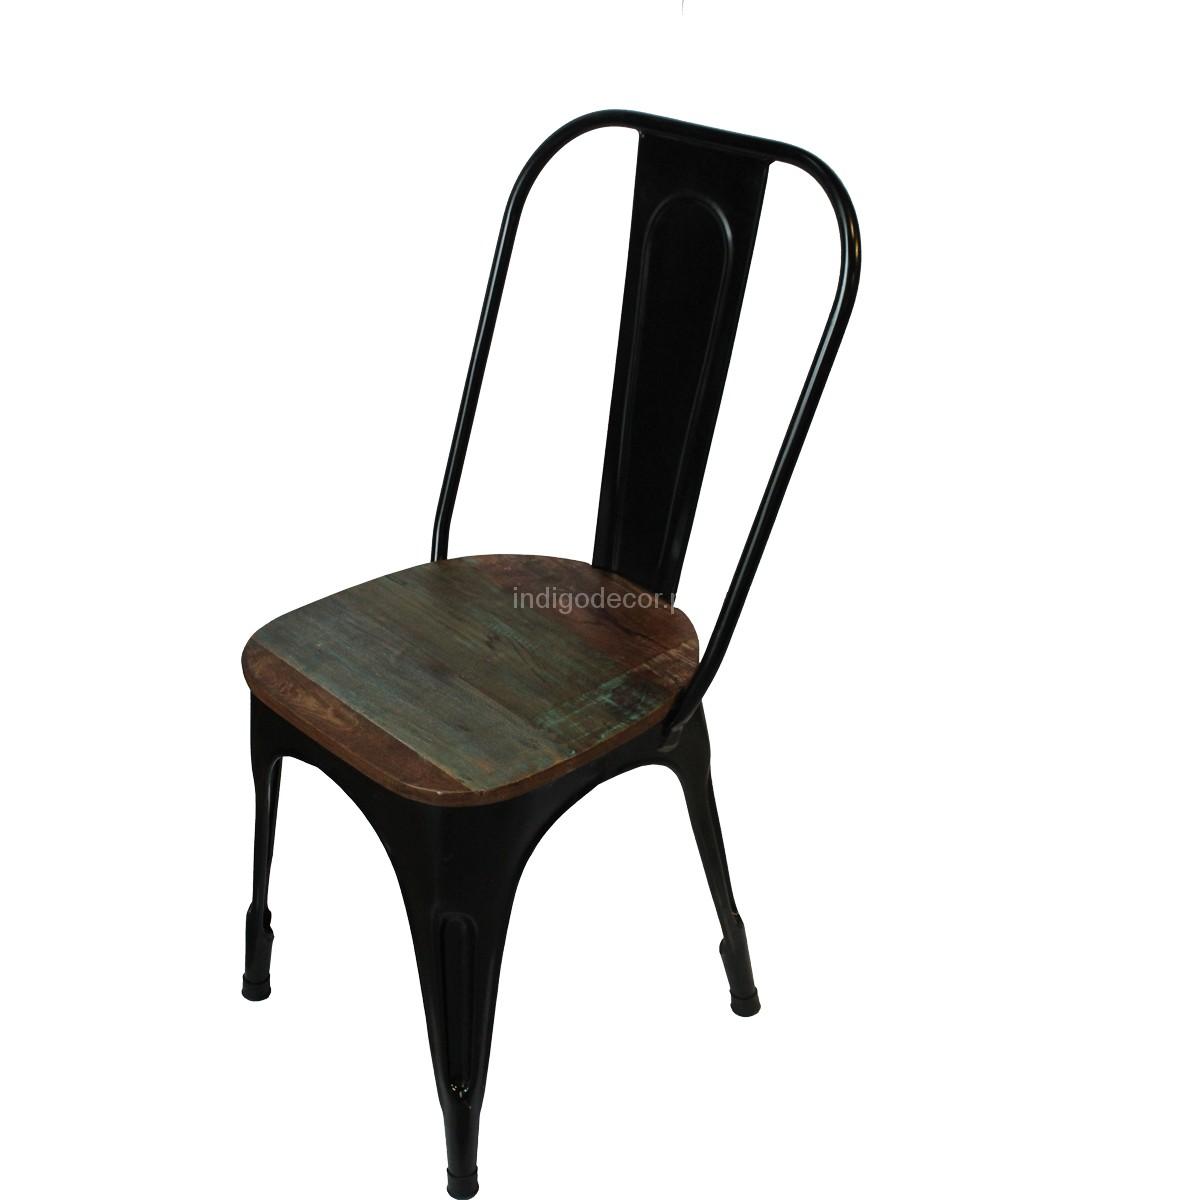 Krzesło Metalowe Loftowe Czarne Indigodecor